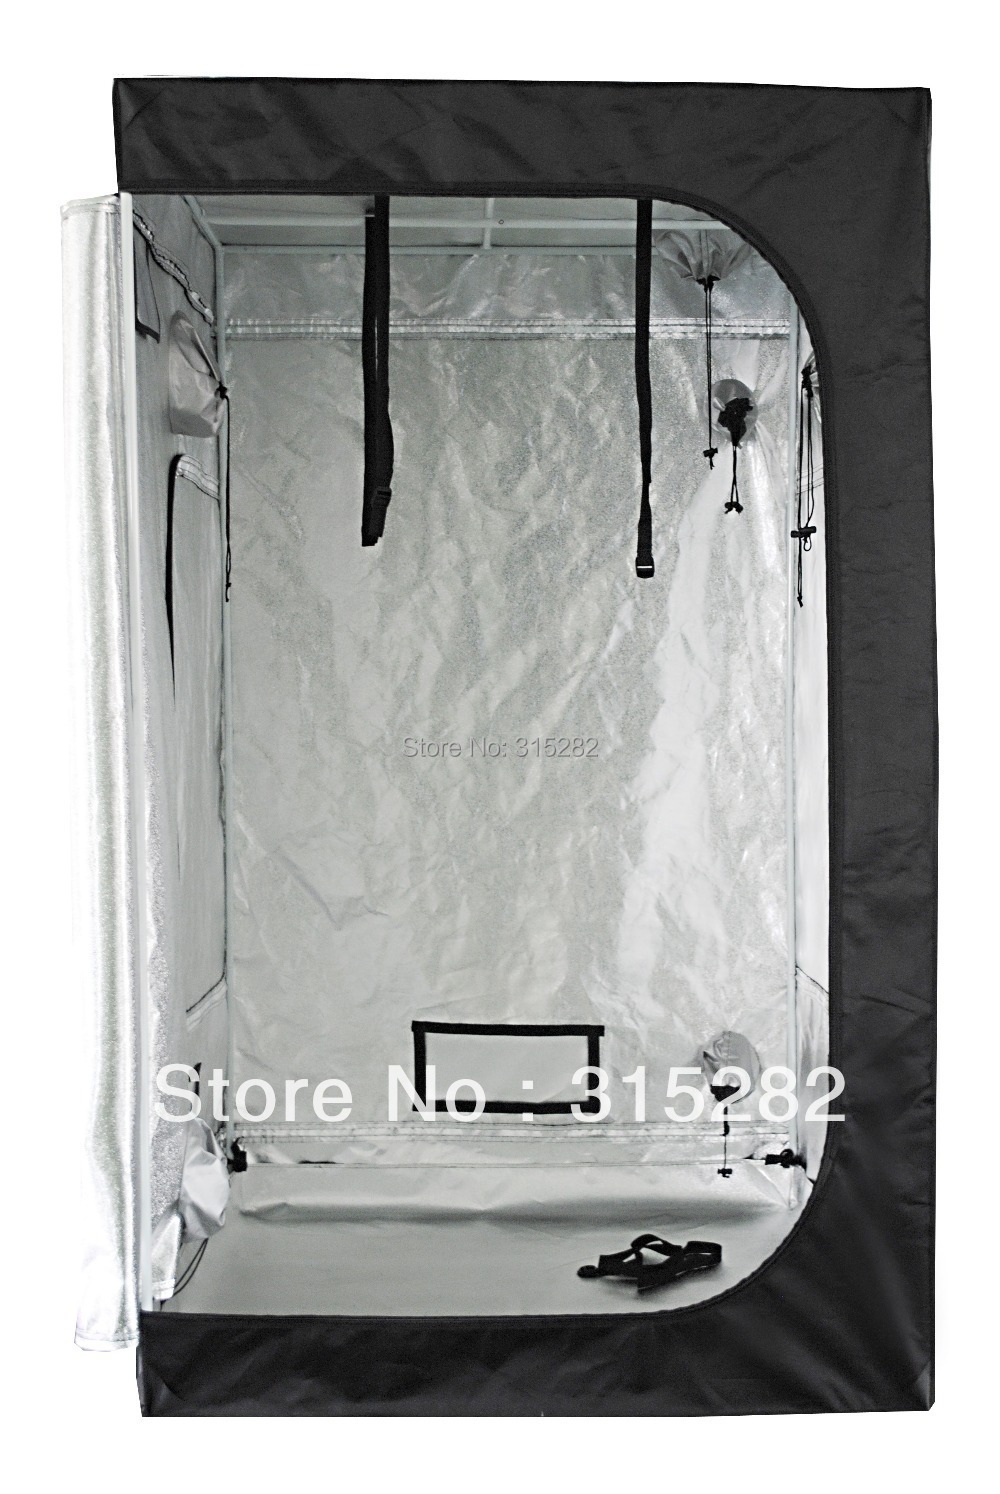 4u0027x4u0027x6.6u0027 Grow Tent, 600D Canvas, None Toxic, Strong Steel Frame,  Detachable Floor, Waterproof And 100% Lightproof